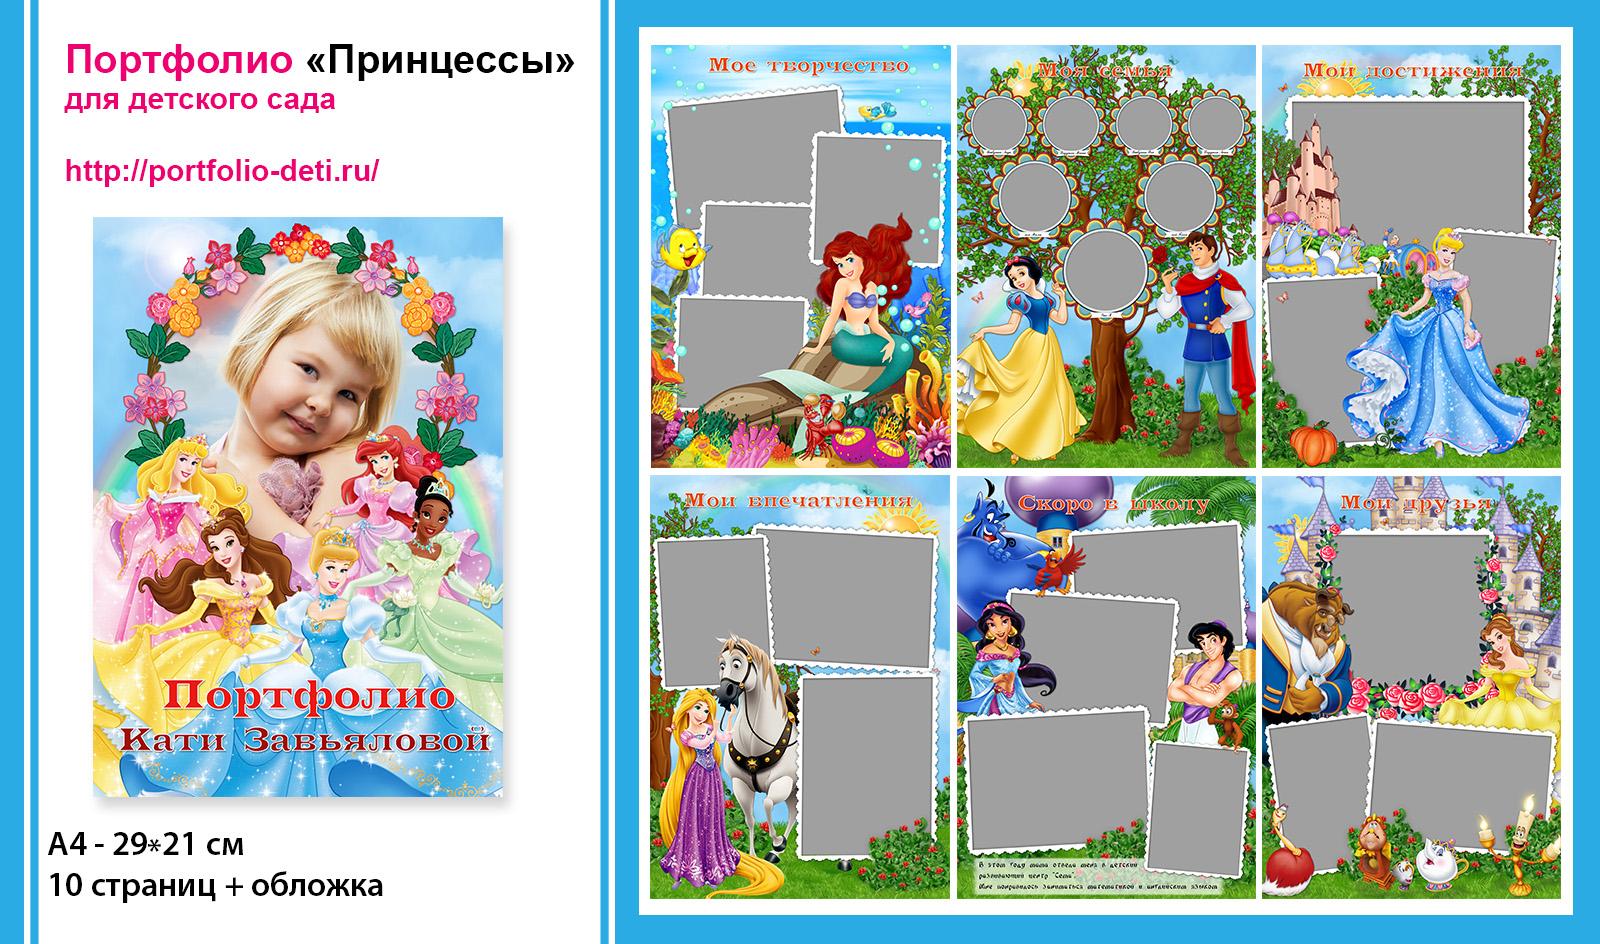 портфолио для девочки Принцессы portfolio-deti.ru